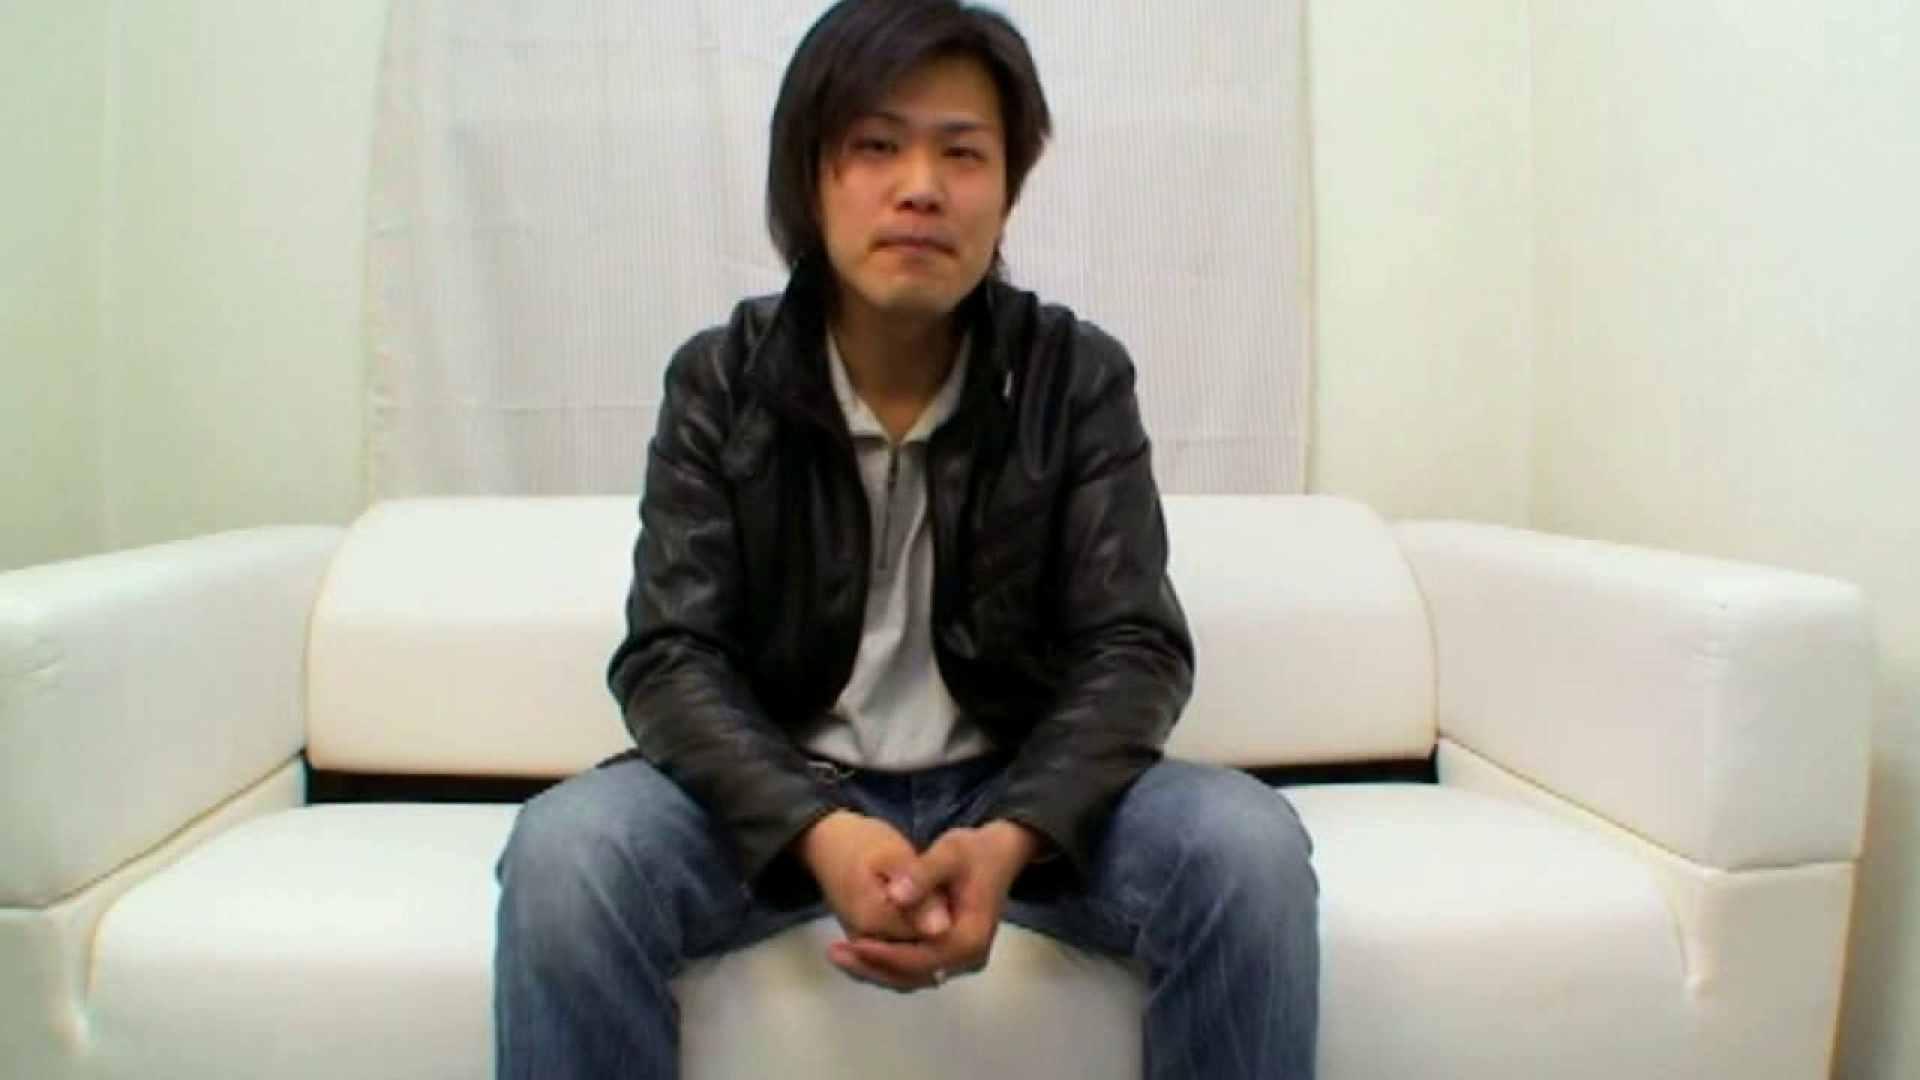 ノンケ!自慰スタジオ No.26 ノンケ君達の・・ | ゲイのオナニー映像  109枚 1